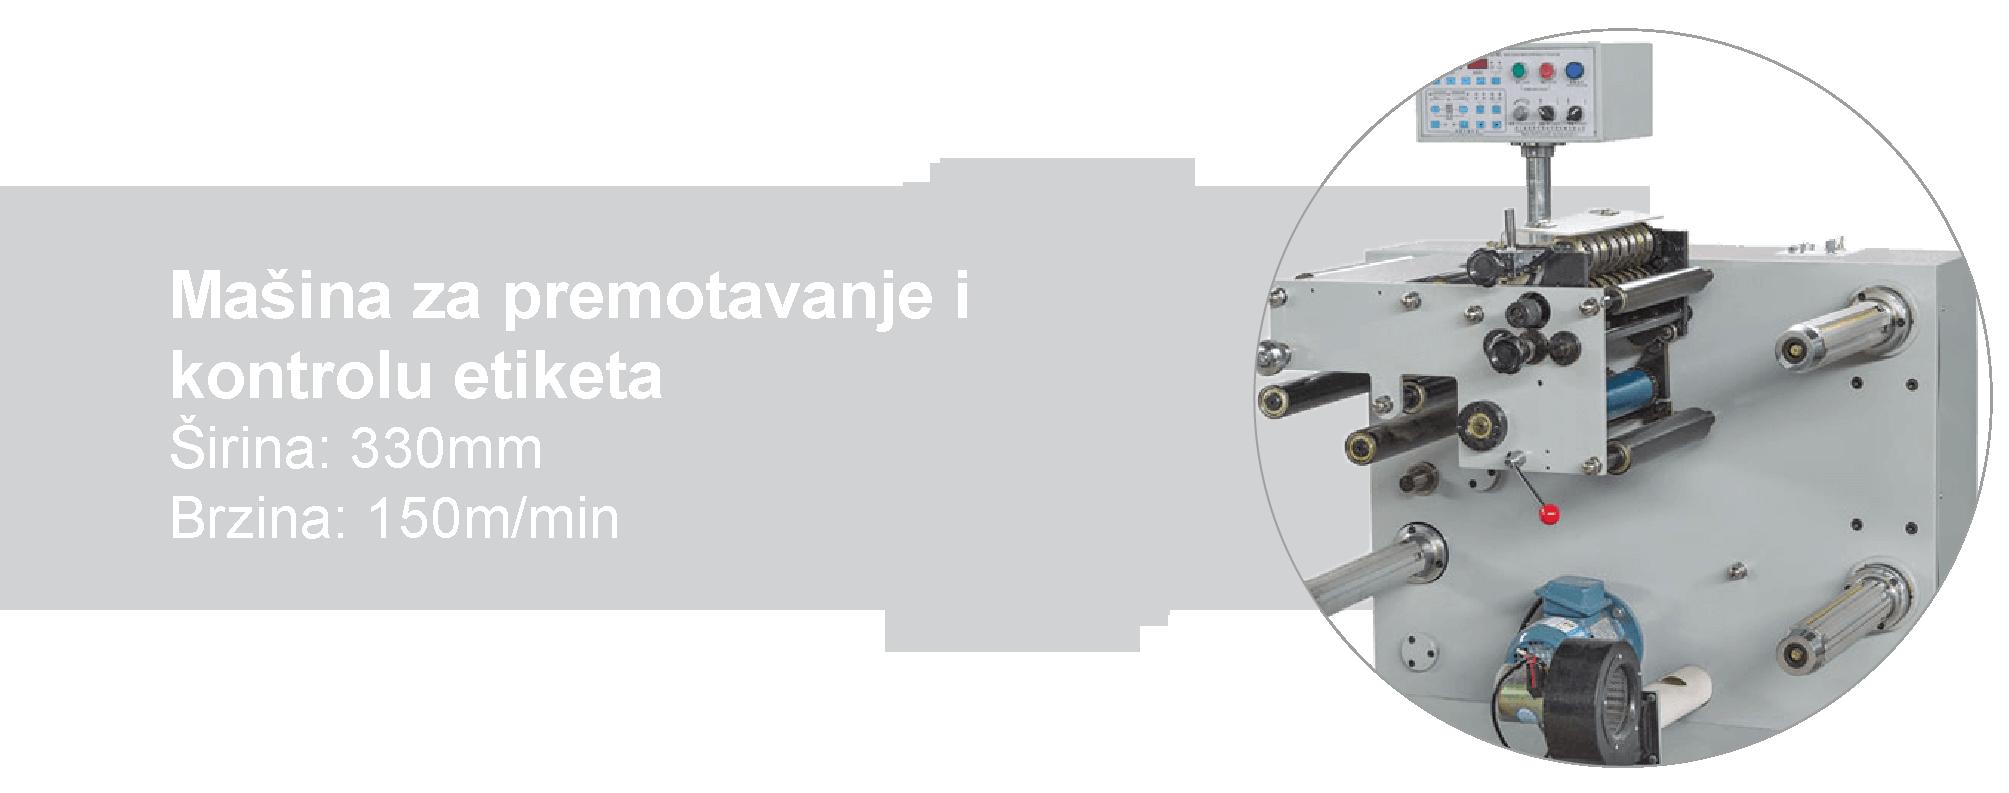 Mašina za premotavanje i kontrolu etiketa